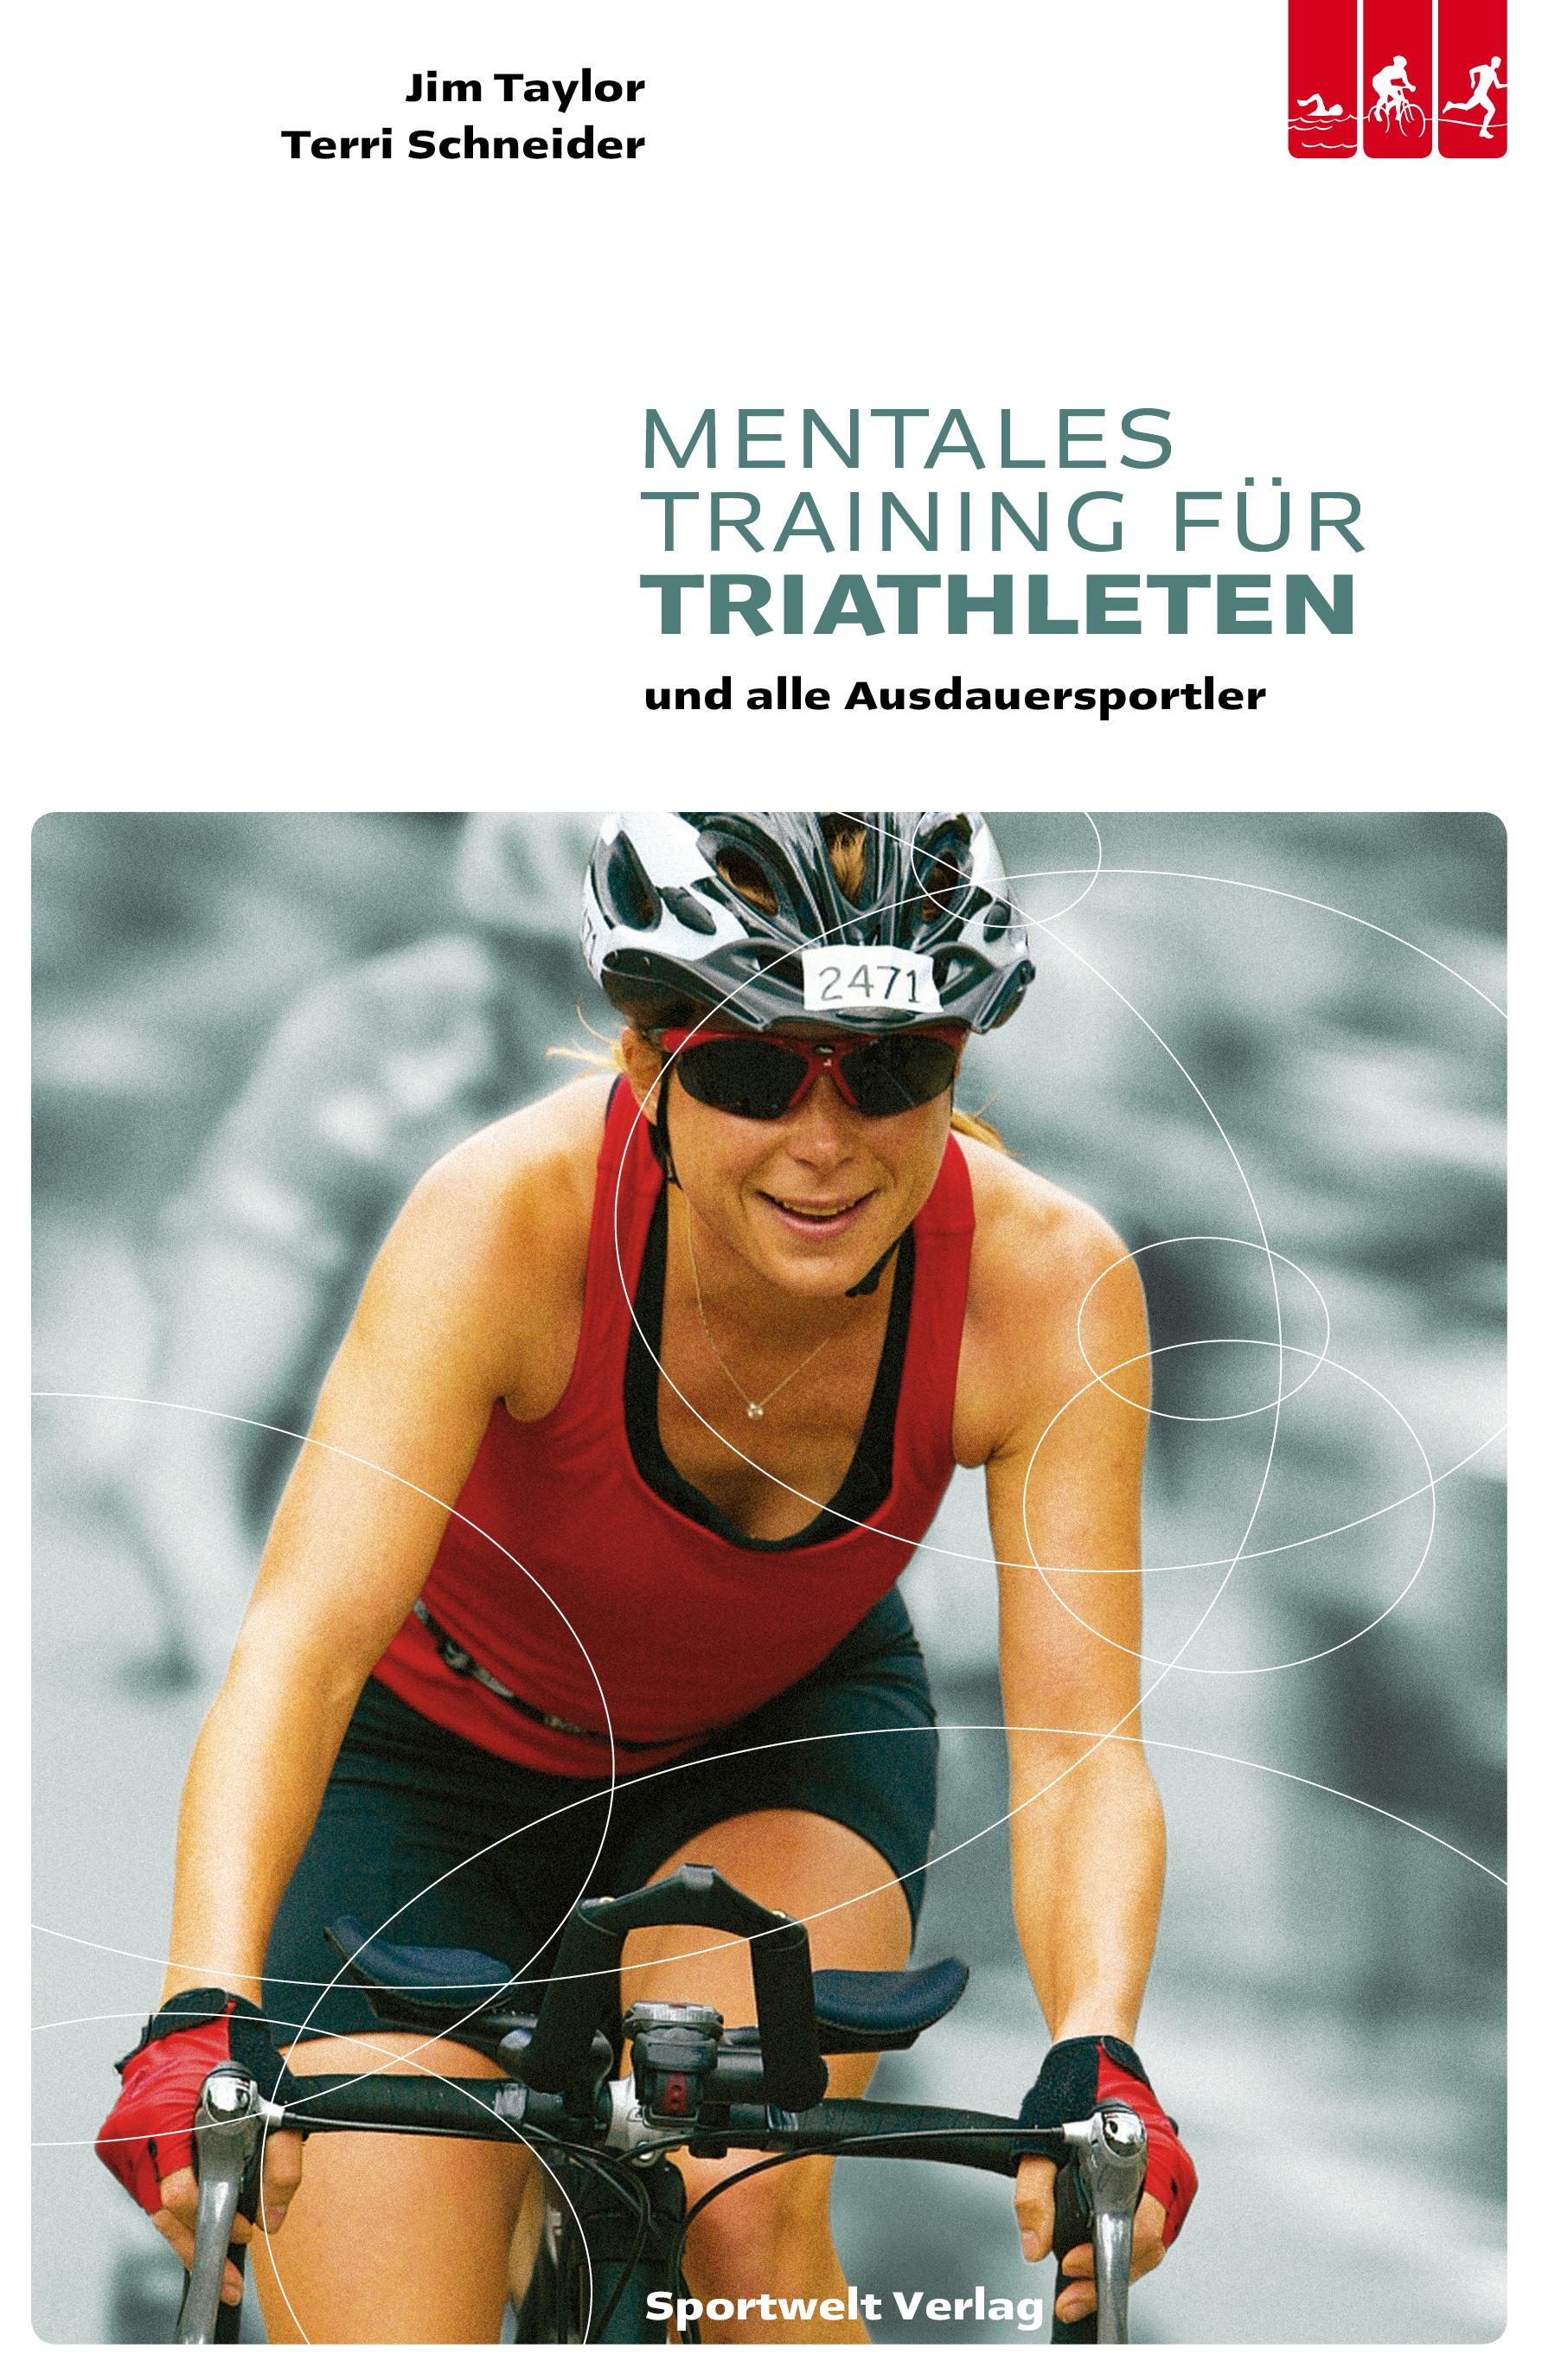 Mentales Training für Triathleten und alle Ausdauersportler - Jim Taylor